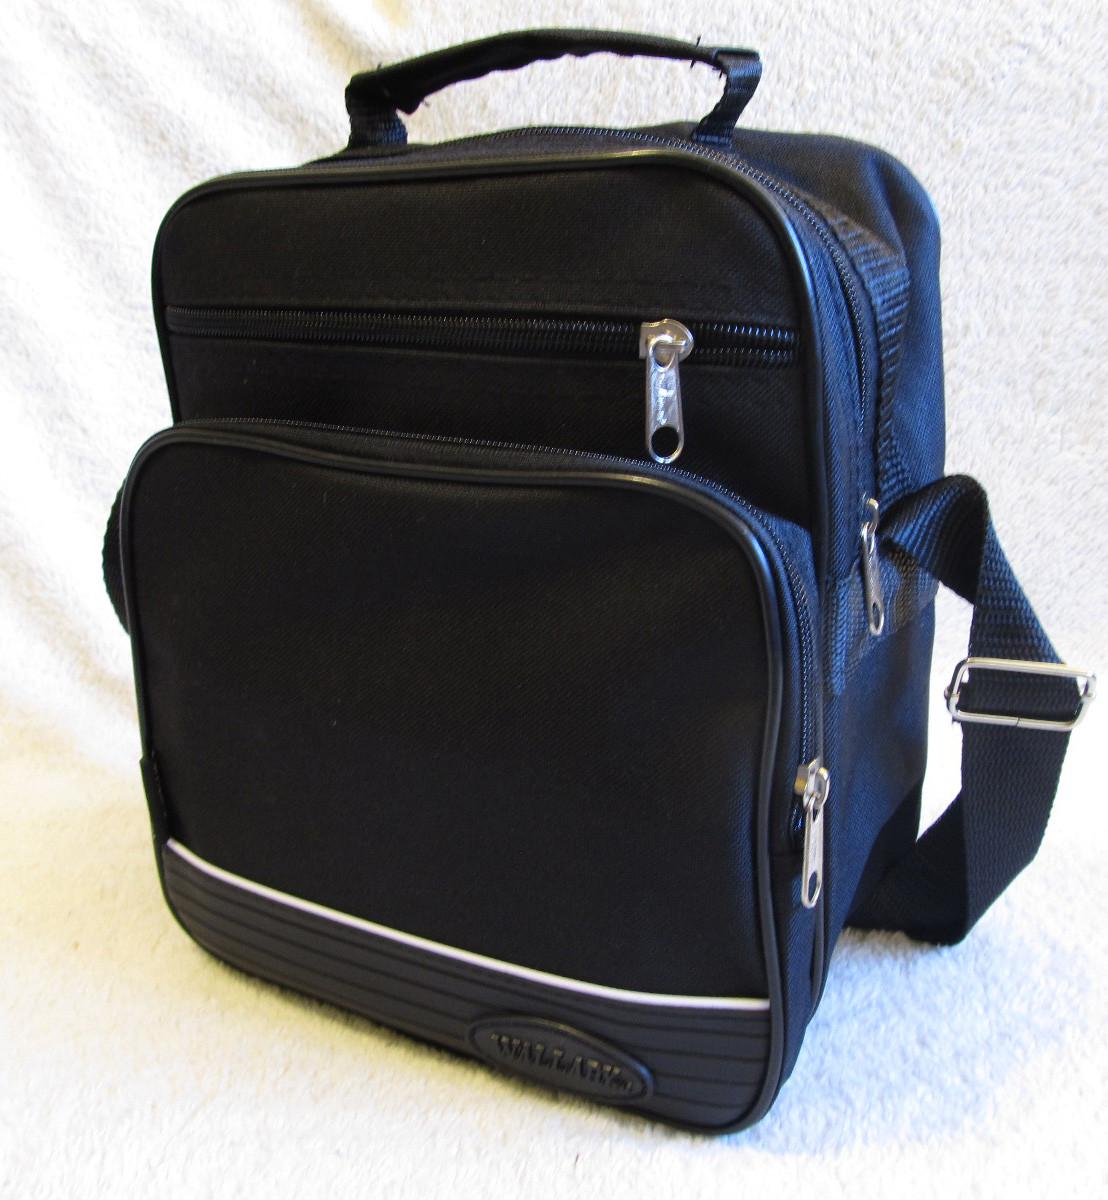 Мужская сумка через плечо вместительная крепкая барсетка в2660 черная 21х25х13см